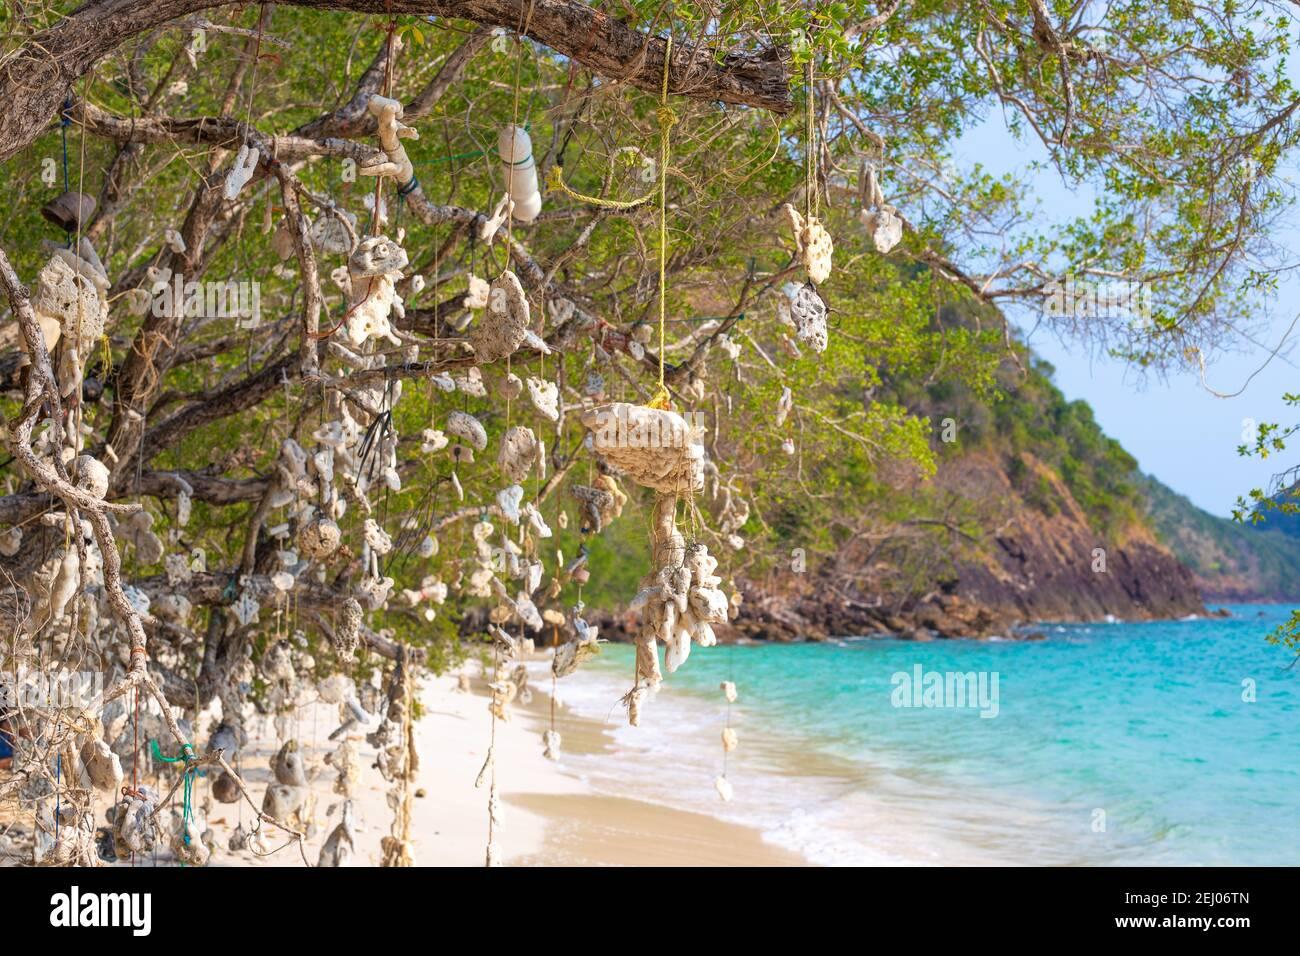 Arbre de souhaits. Coraux suspendus à un arbre, attachés par des cordes, sur une côte tropicale en Thaïlande. Banque D'Images